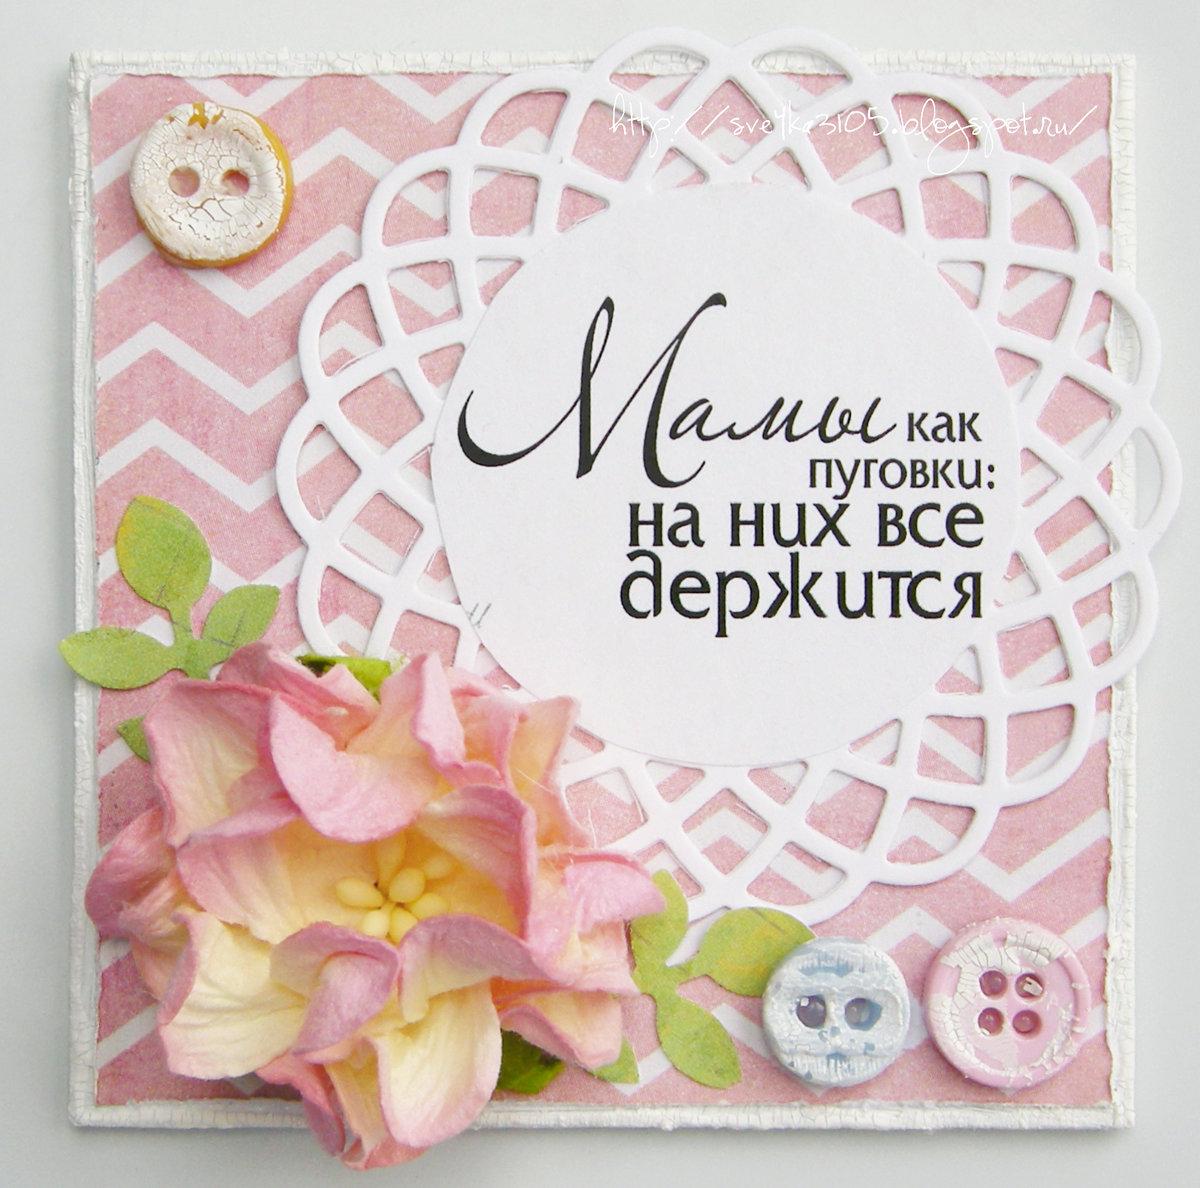 Самая оригинальная открытка на день матери, выздоравливайте